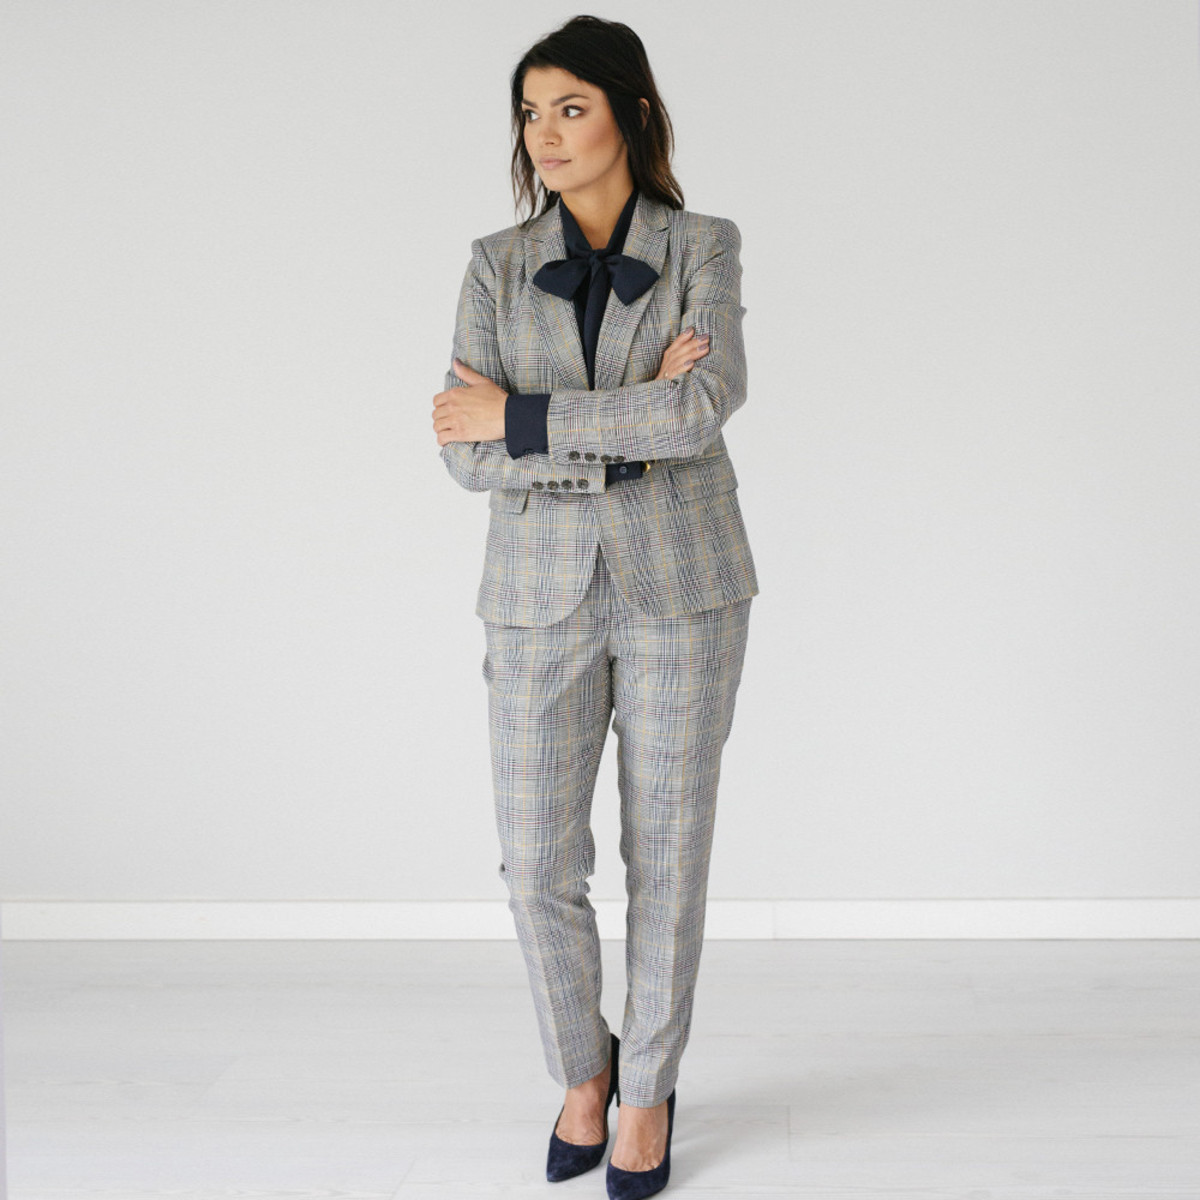 Dámske nohavice s károvaným vzorom 10142 34